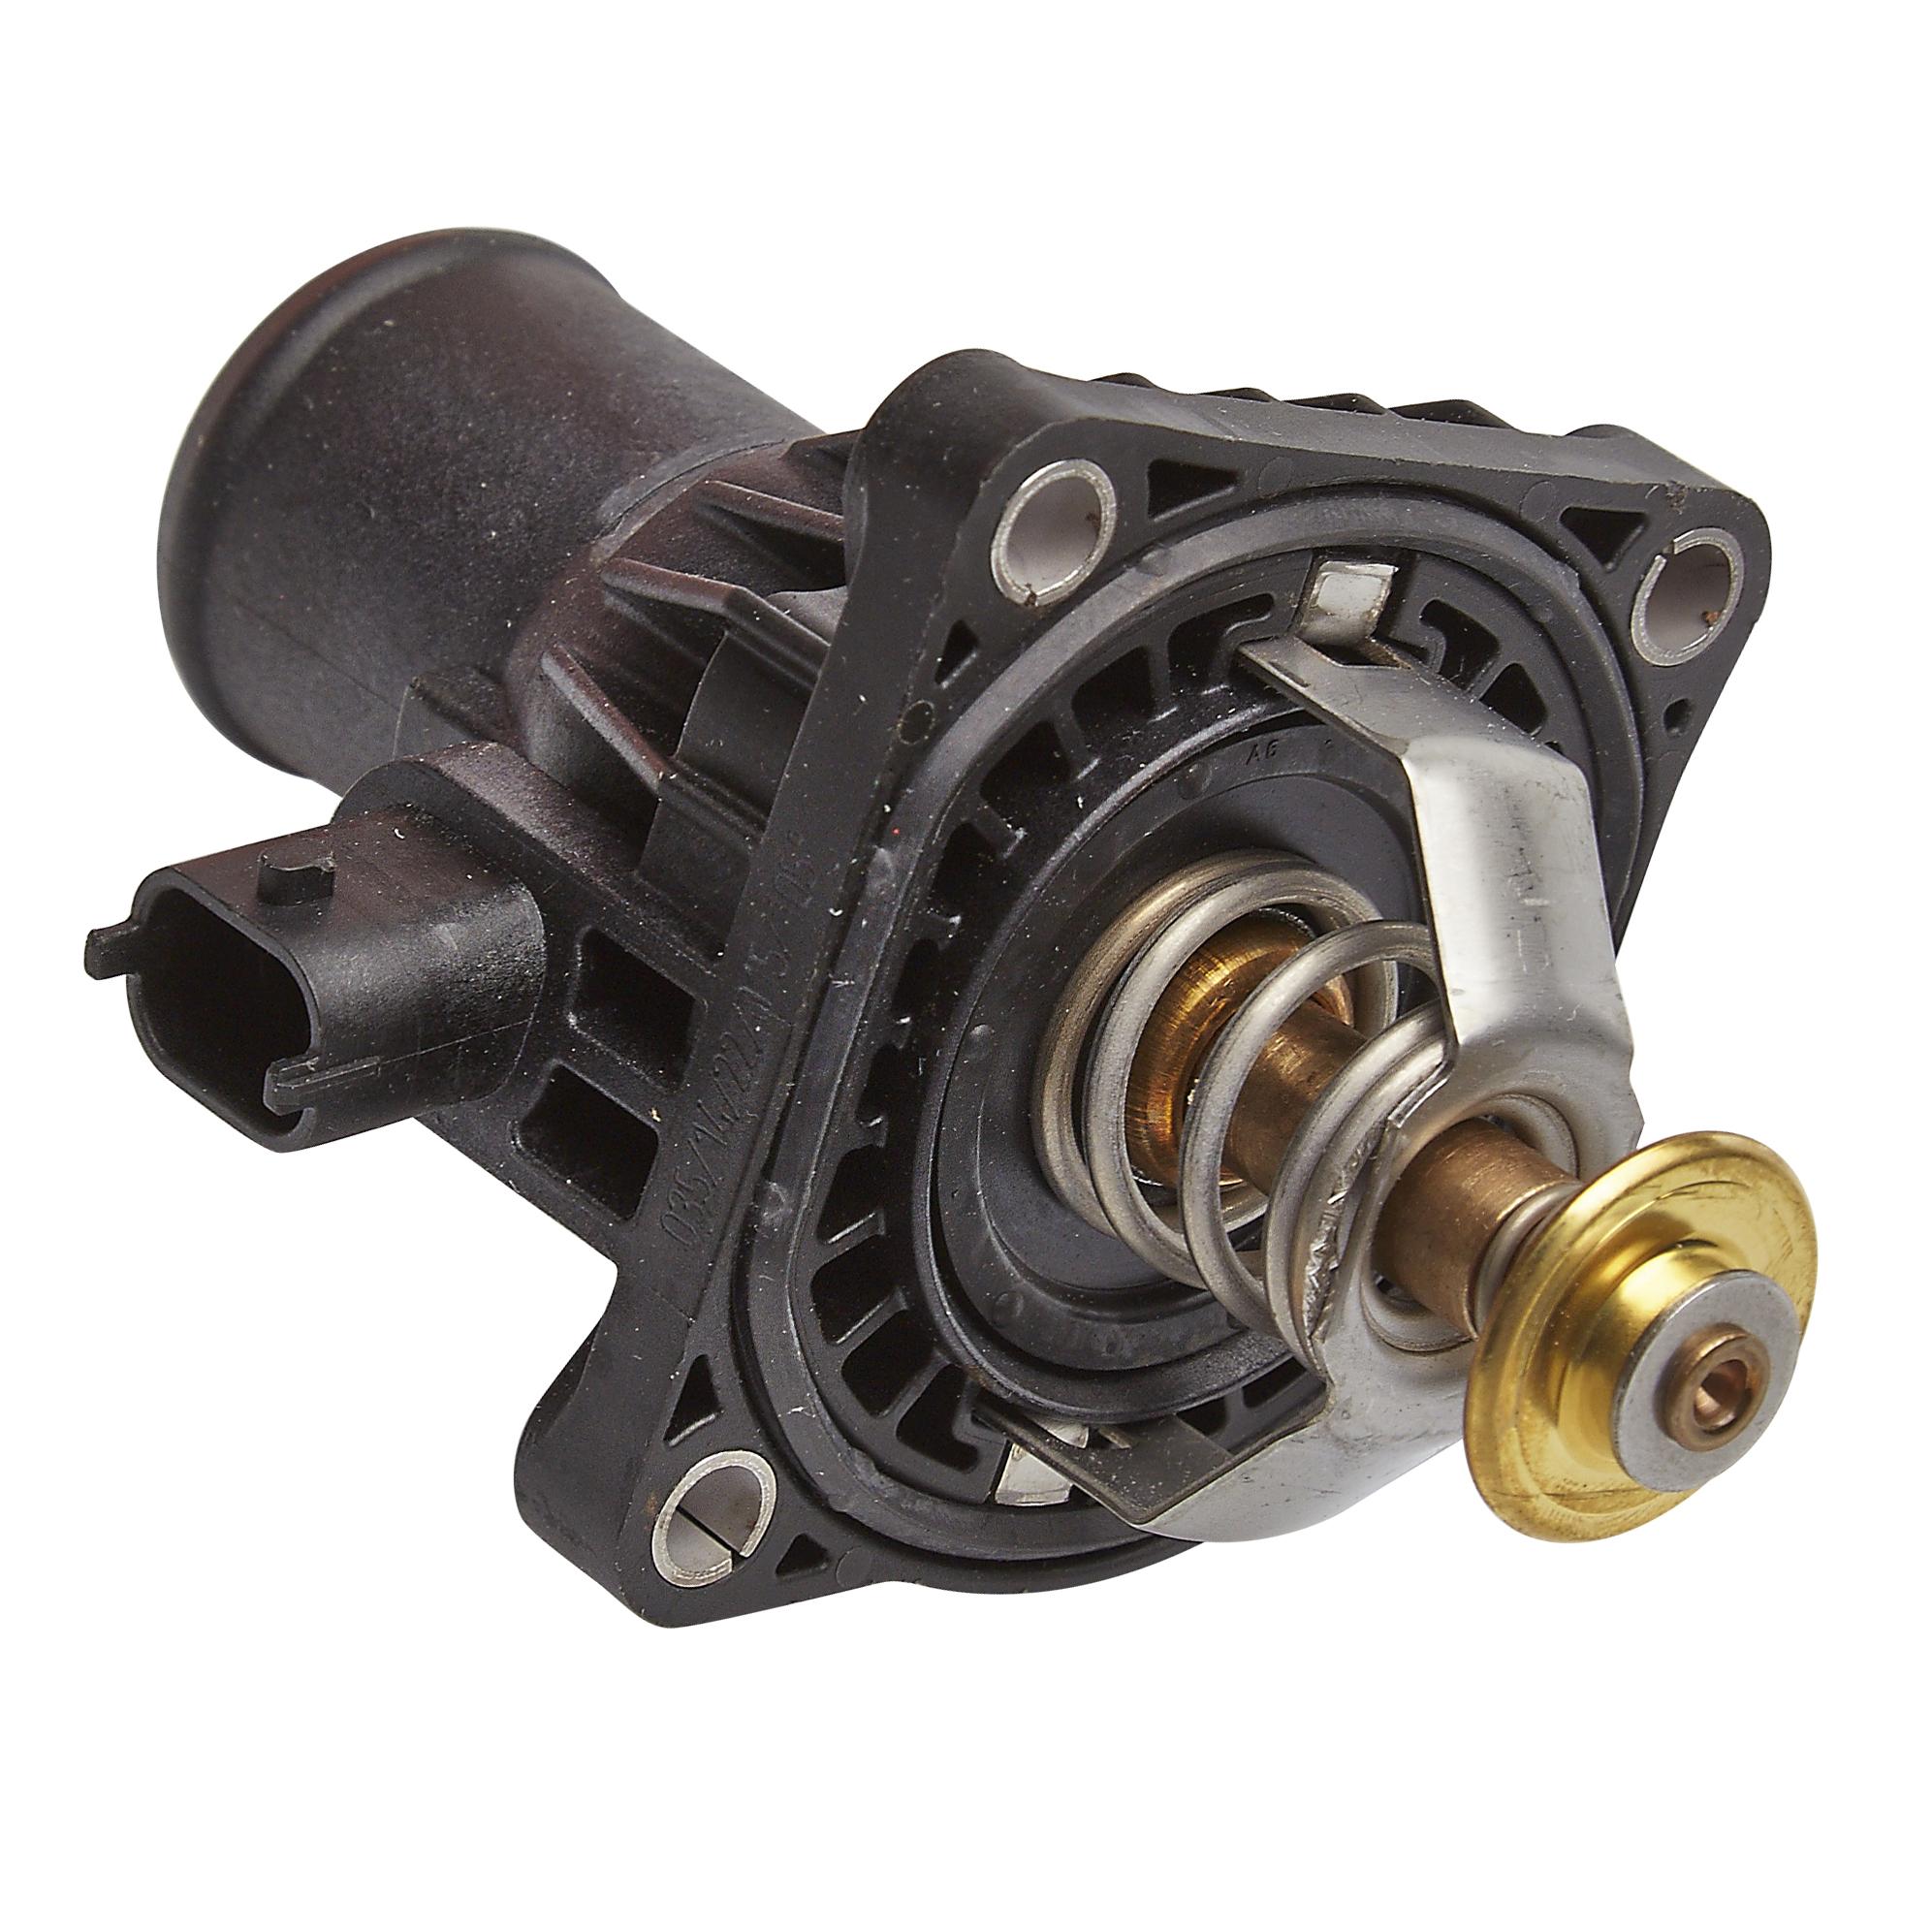 ruud x 13 blower motor wiring diagram